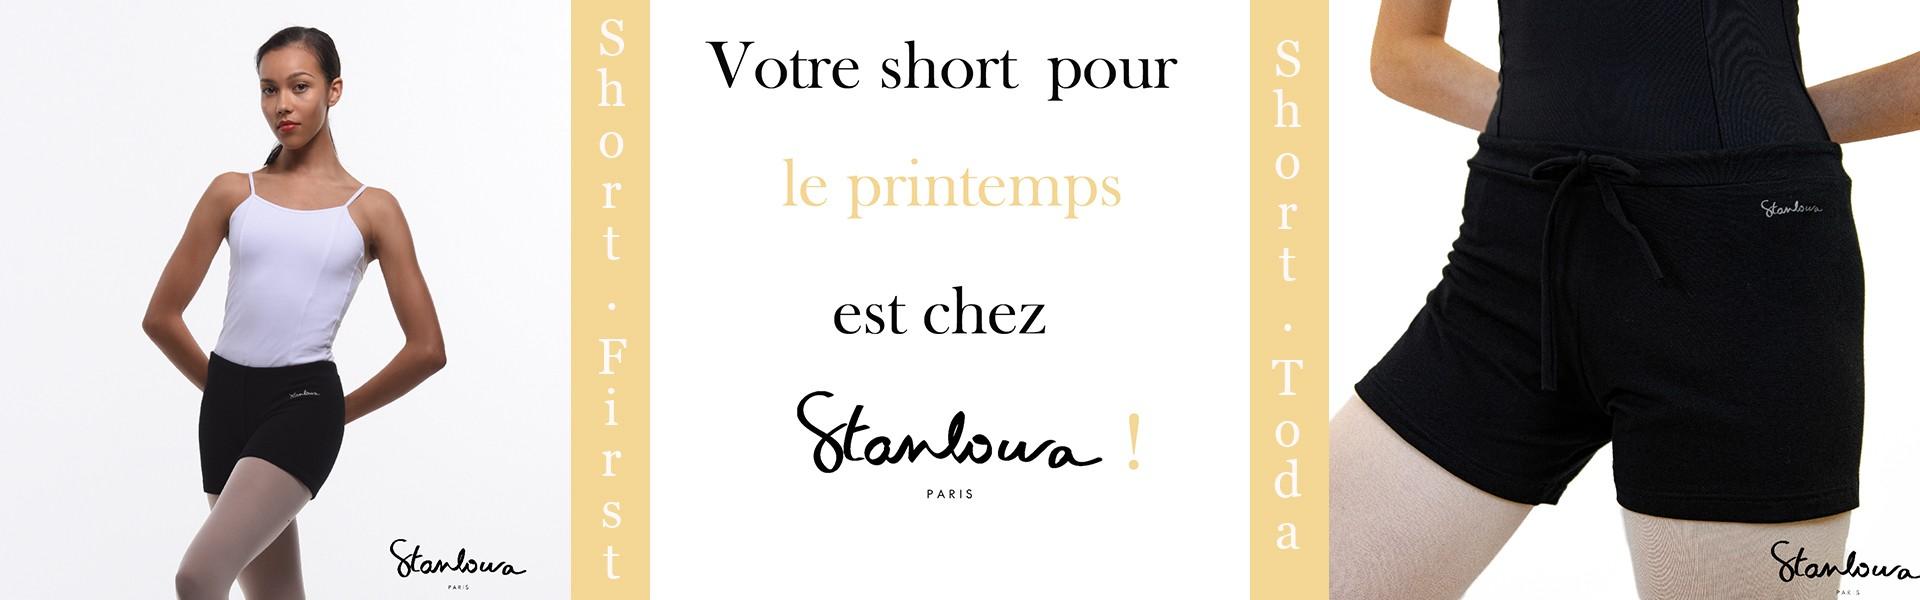 short de printemps